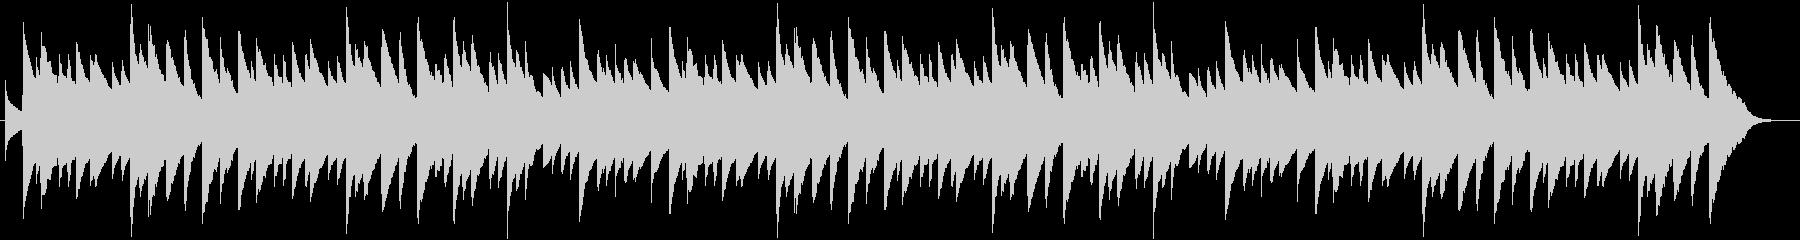 「もみの木」のオルゴールバージョンの未再生の波形